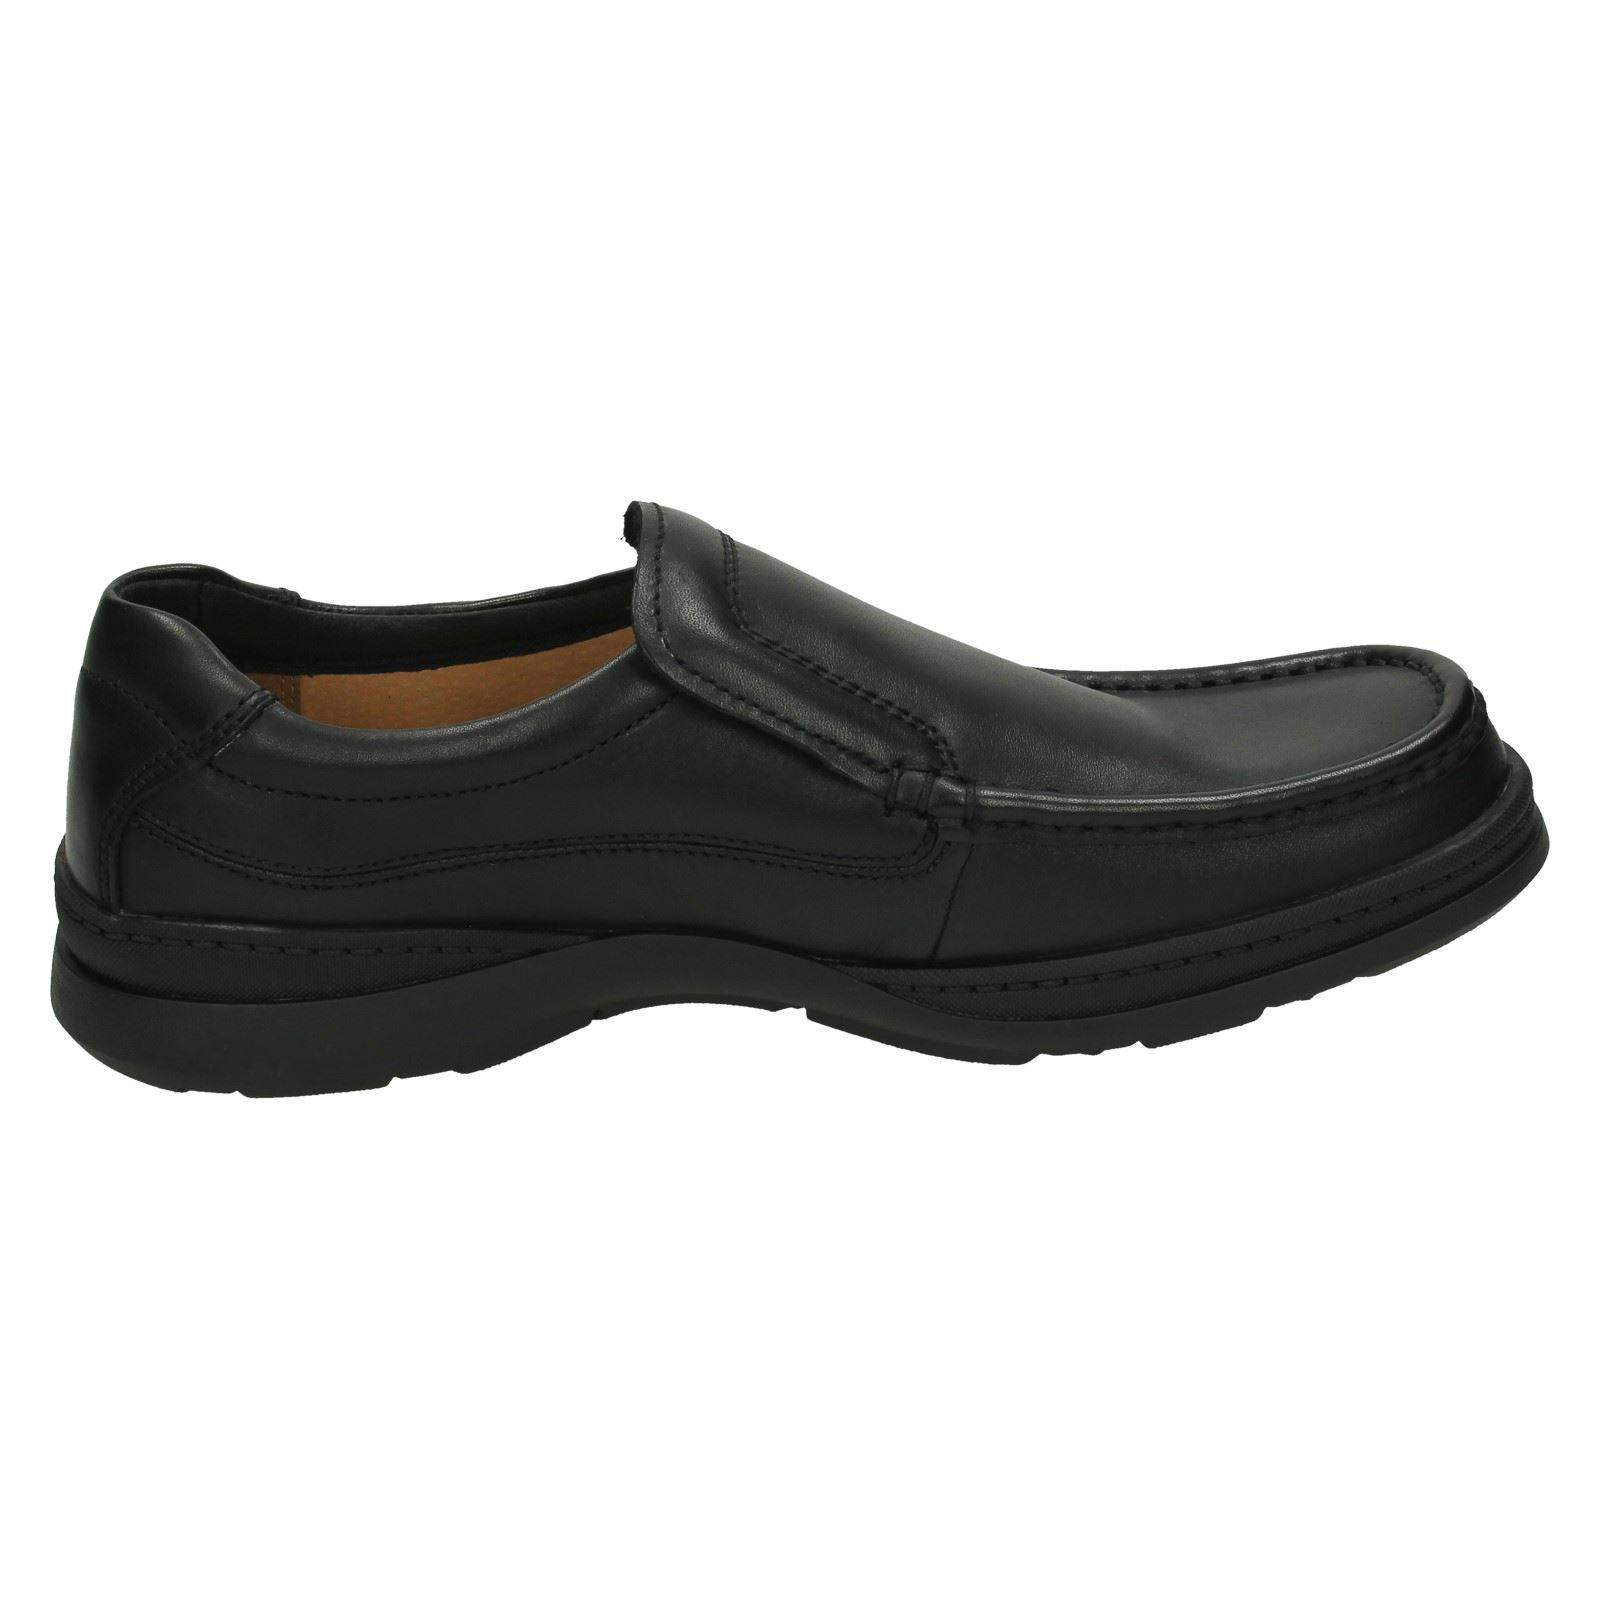 mens clarks formal shoes line guide ebay